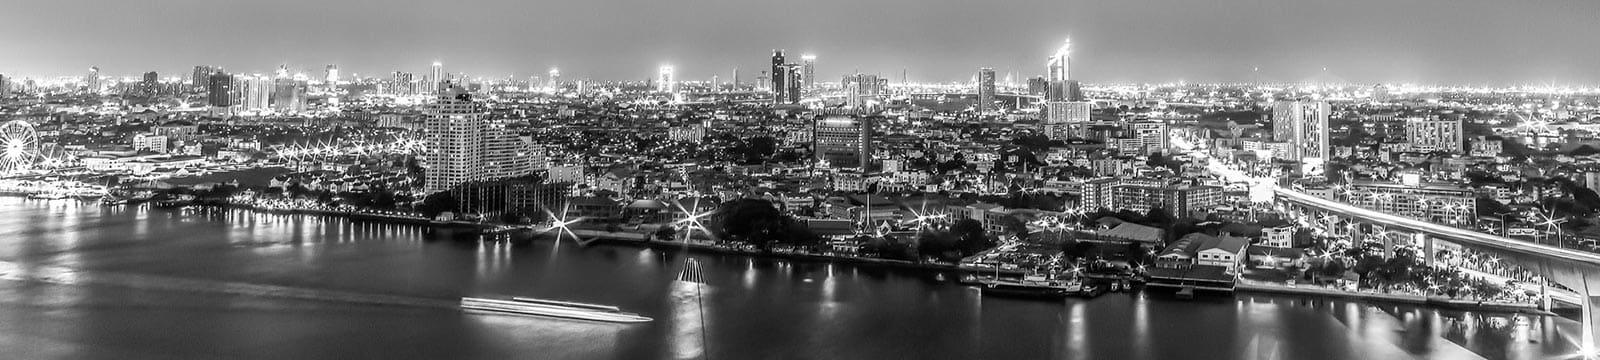 Bangkok City view at night